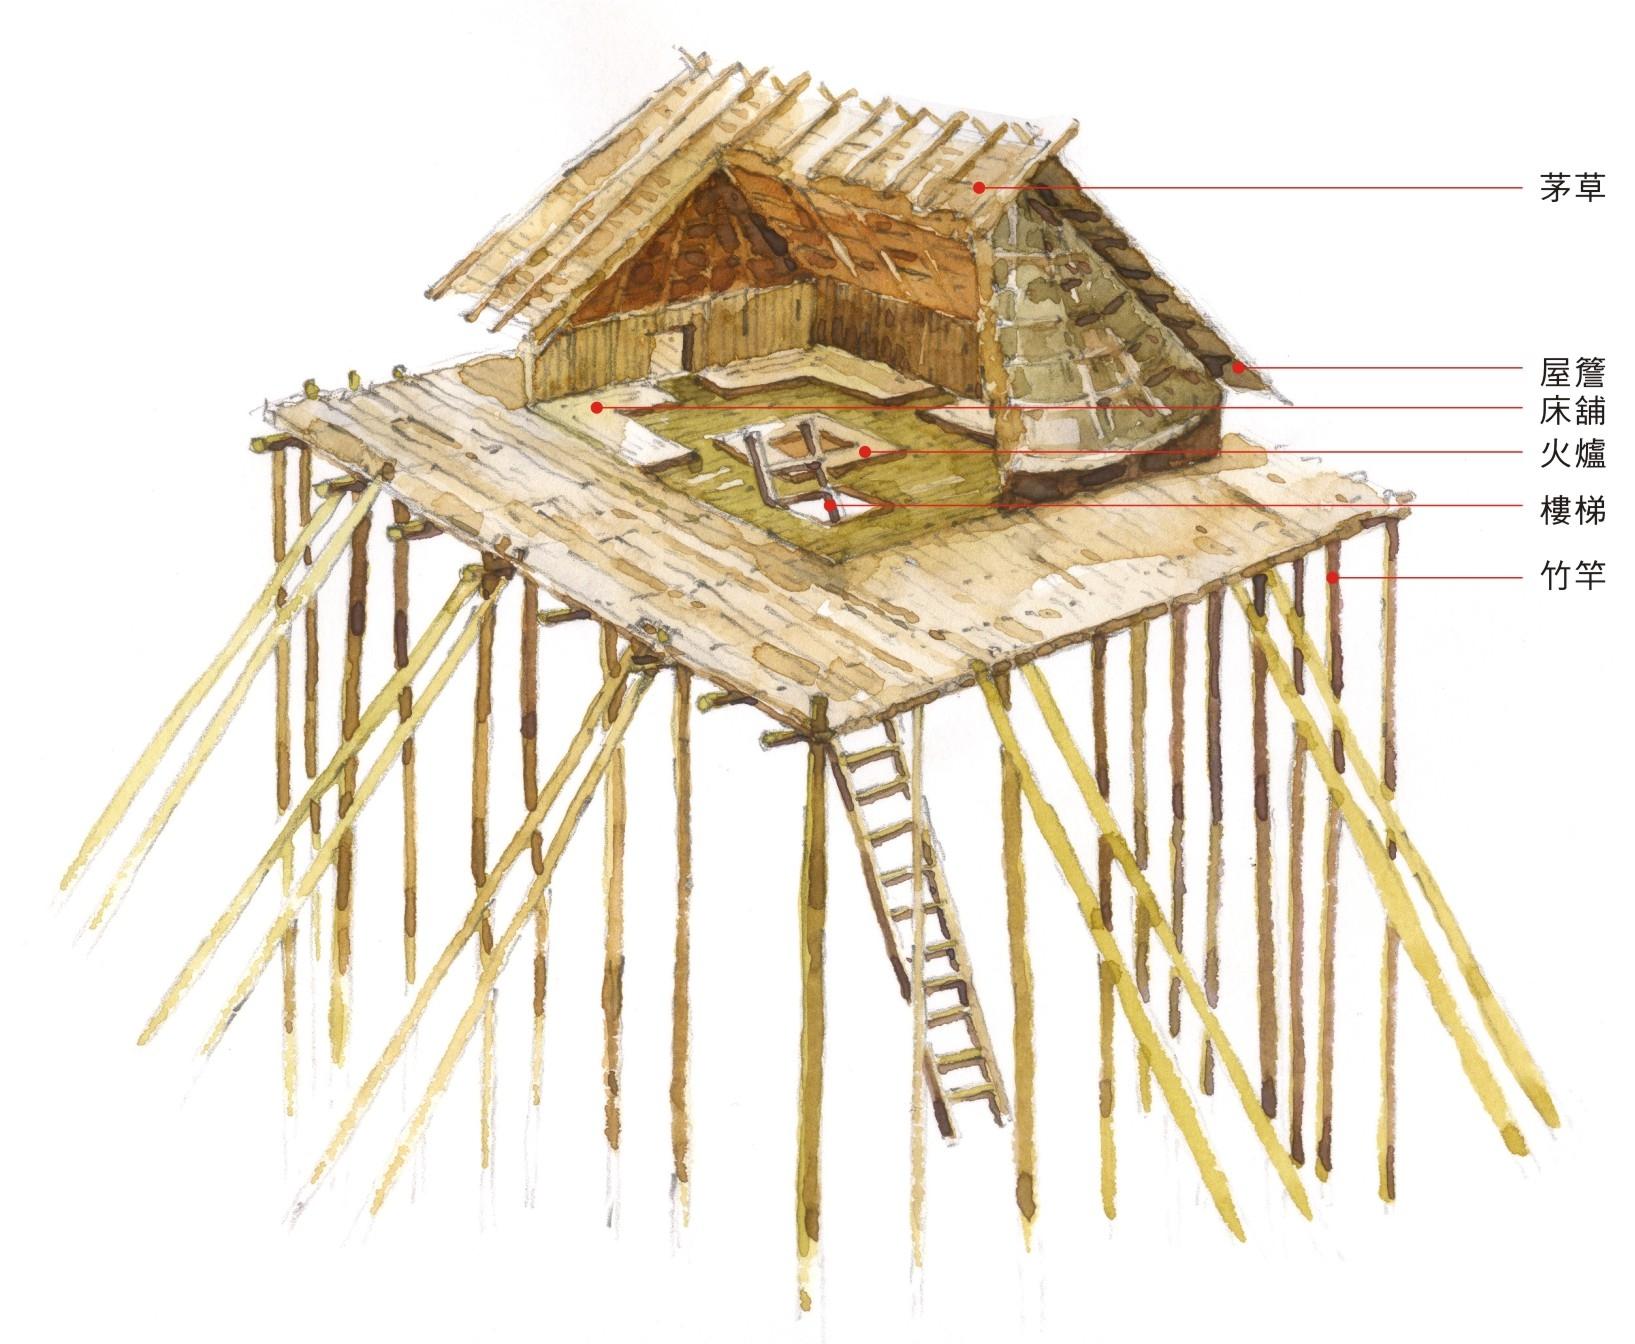 卑南族建築空間佈局圖